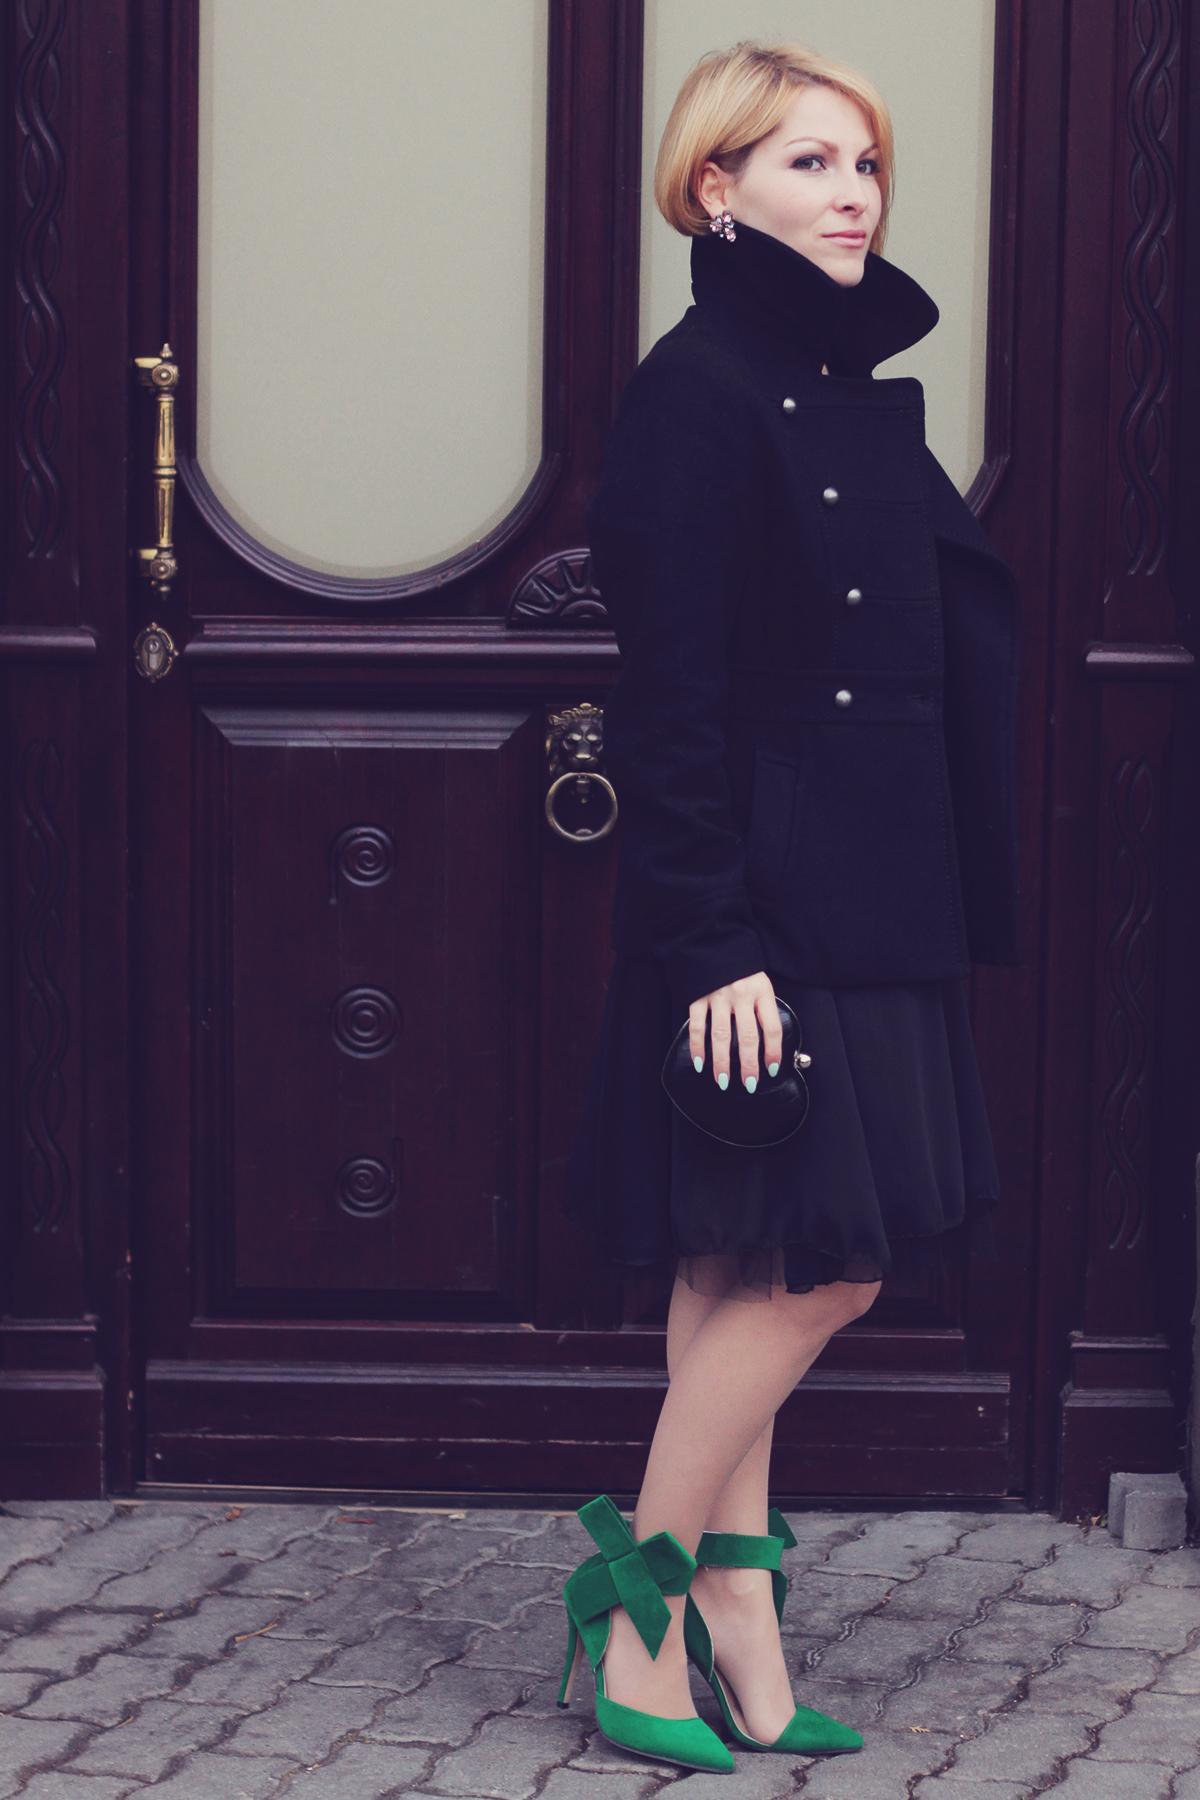 Vestido negro con zapatillas verdes